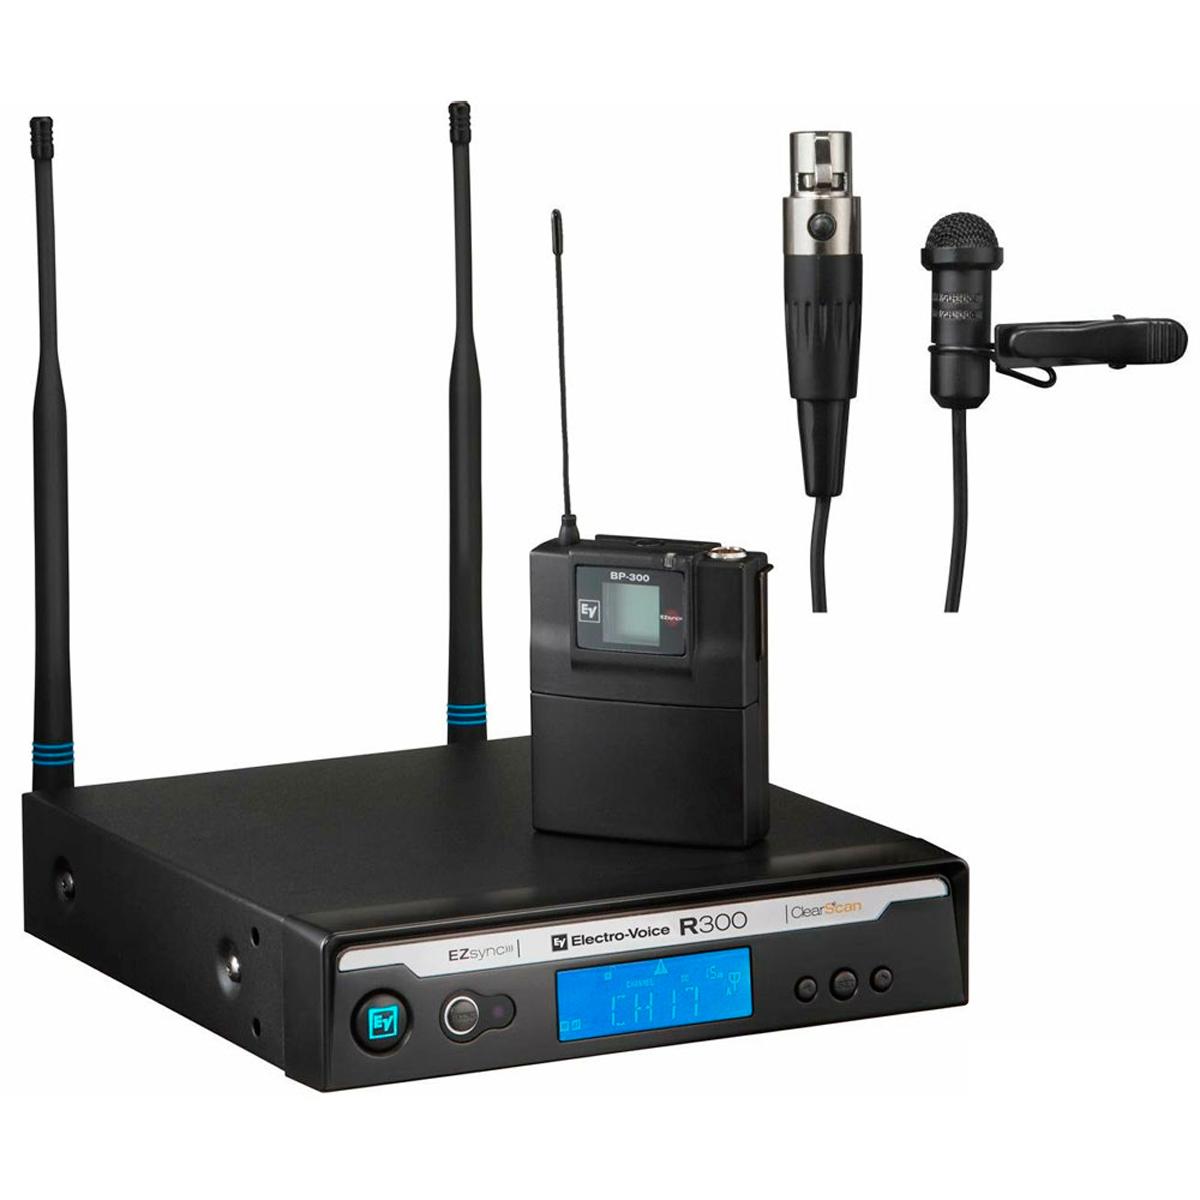 R300L - Microfone s/ Fio Lapela UHF R 300 L - Electro-Voice